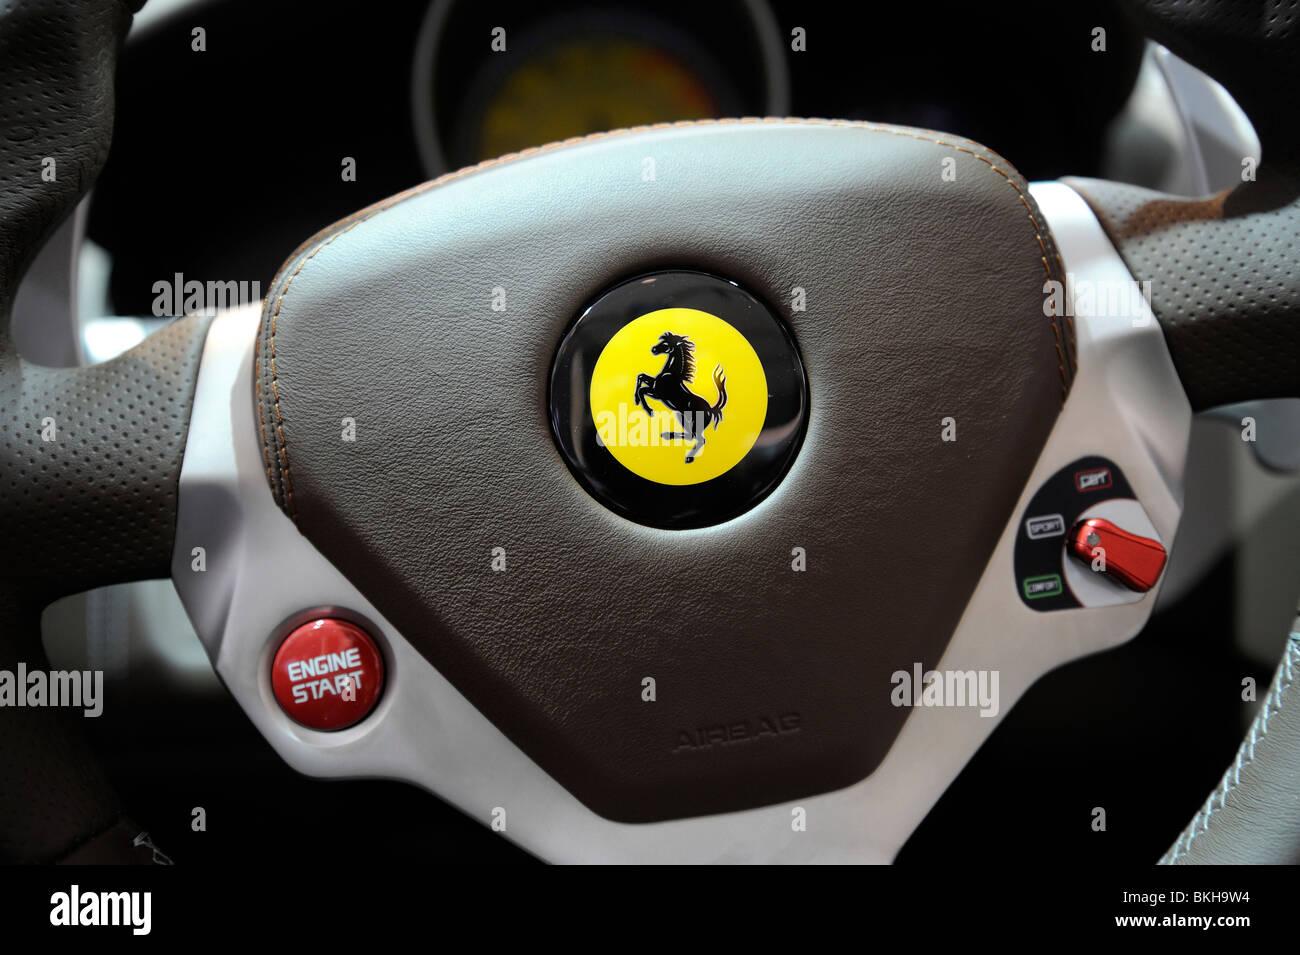 Volante in prospettiva di una Ferrari California presso il Beijing Auto Show 2010. Immagini Stock